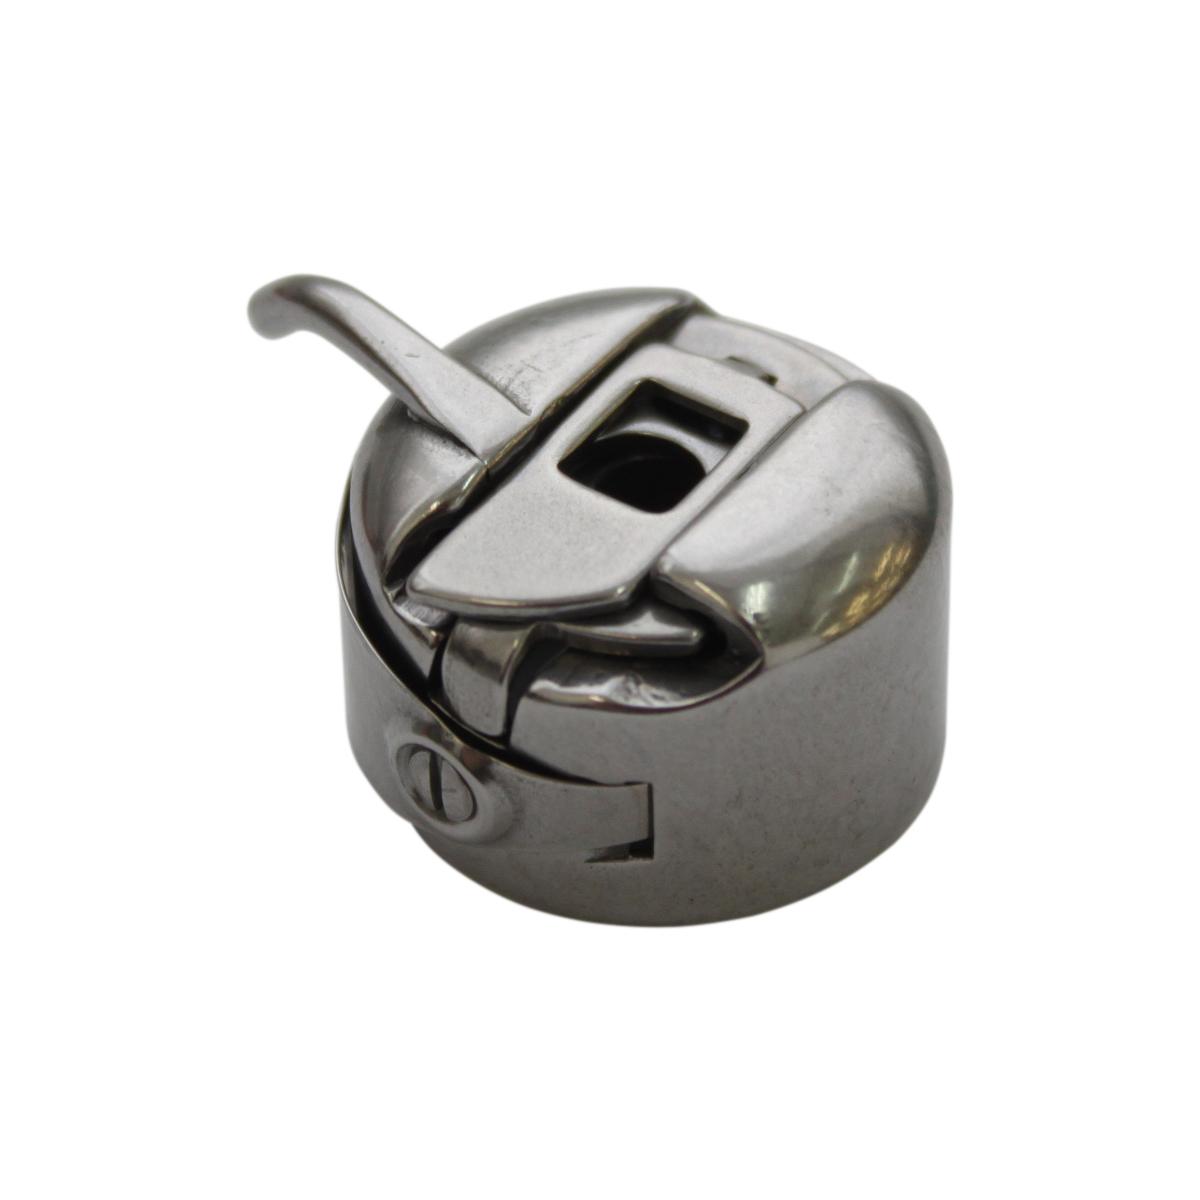 Шпульный колпачок Bestex SINGER, правоходный к БШМFTH 01 ELX HEPAШпульный колпачок Bestex SINGER изготовлен для классического челнока, правоходный. Шпульный колпачок для бытовых швейных машин.